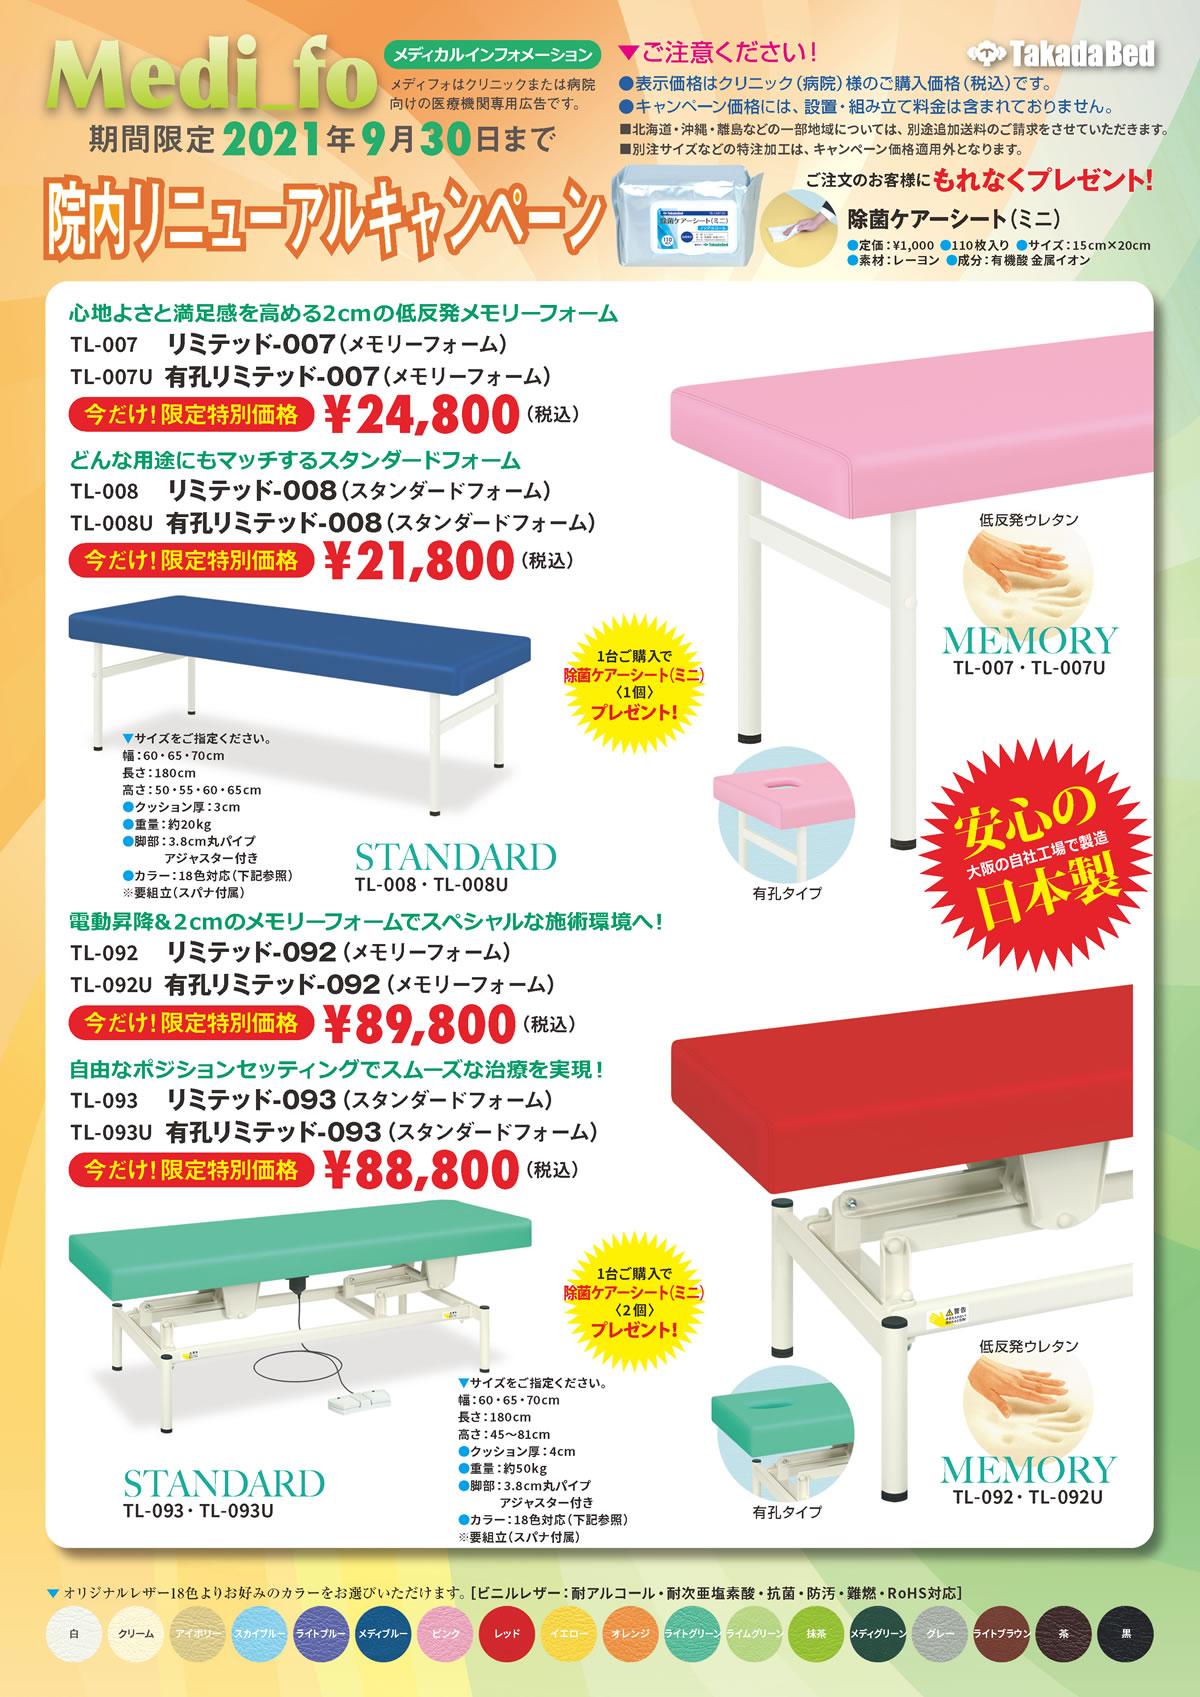 高田ベッド製作所の期間限定特価